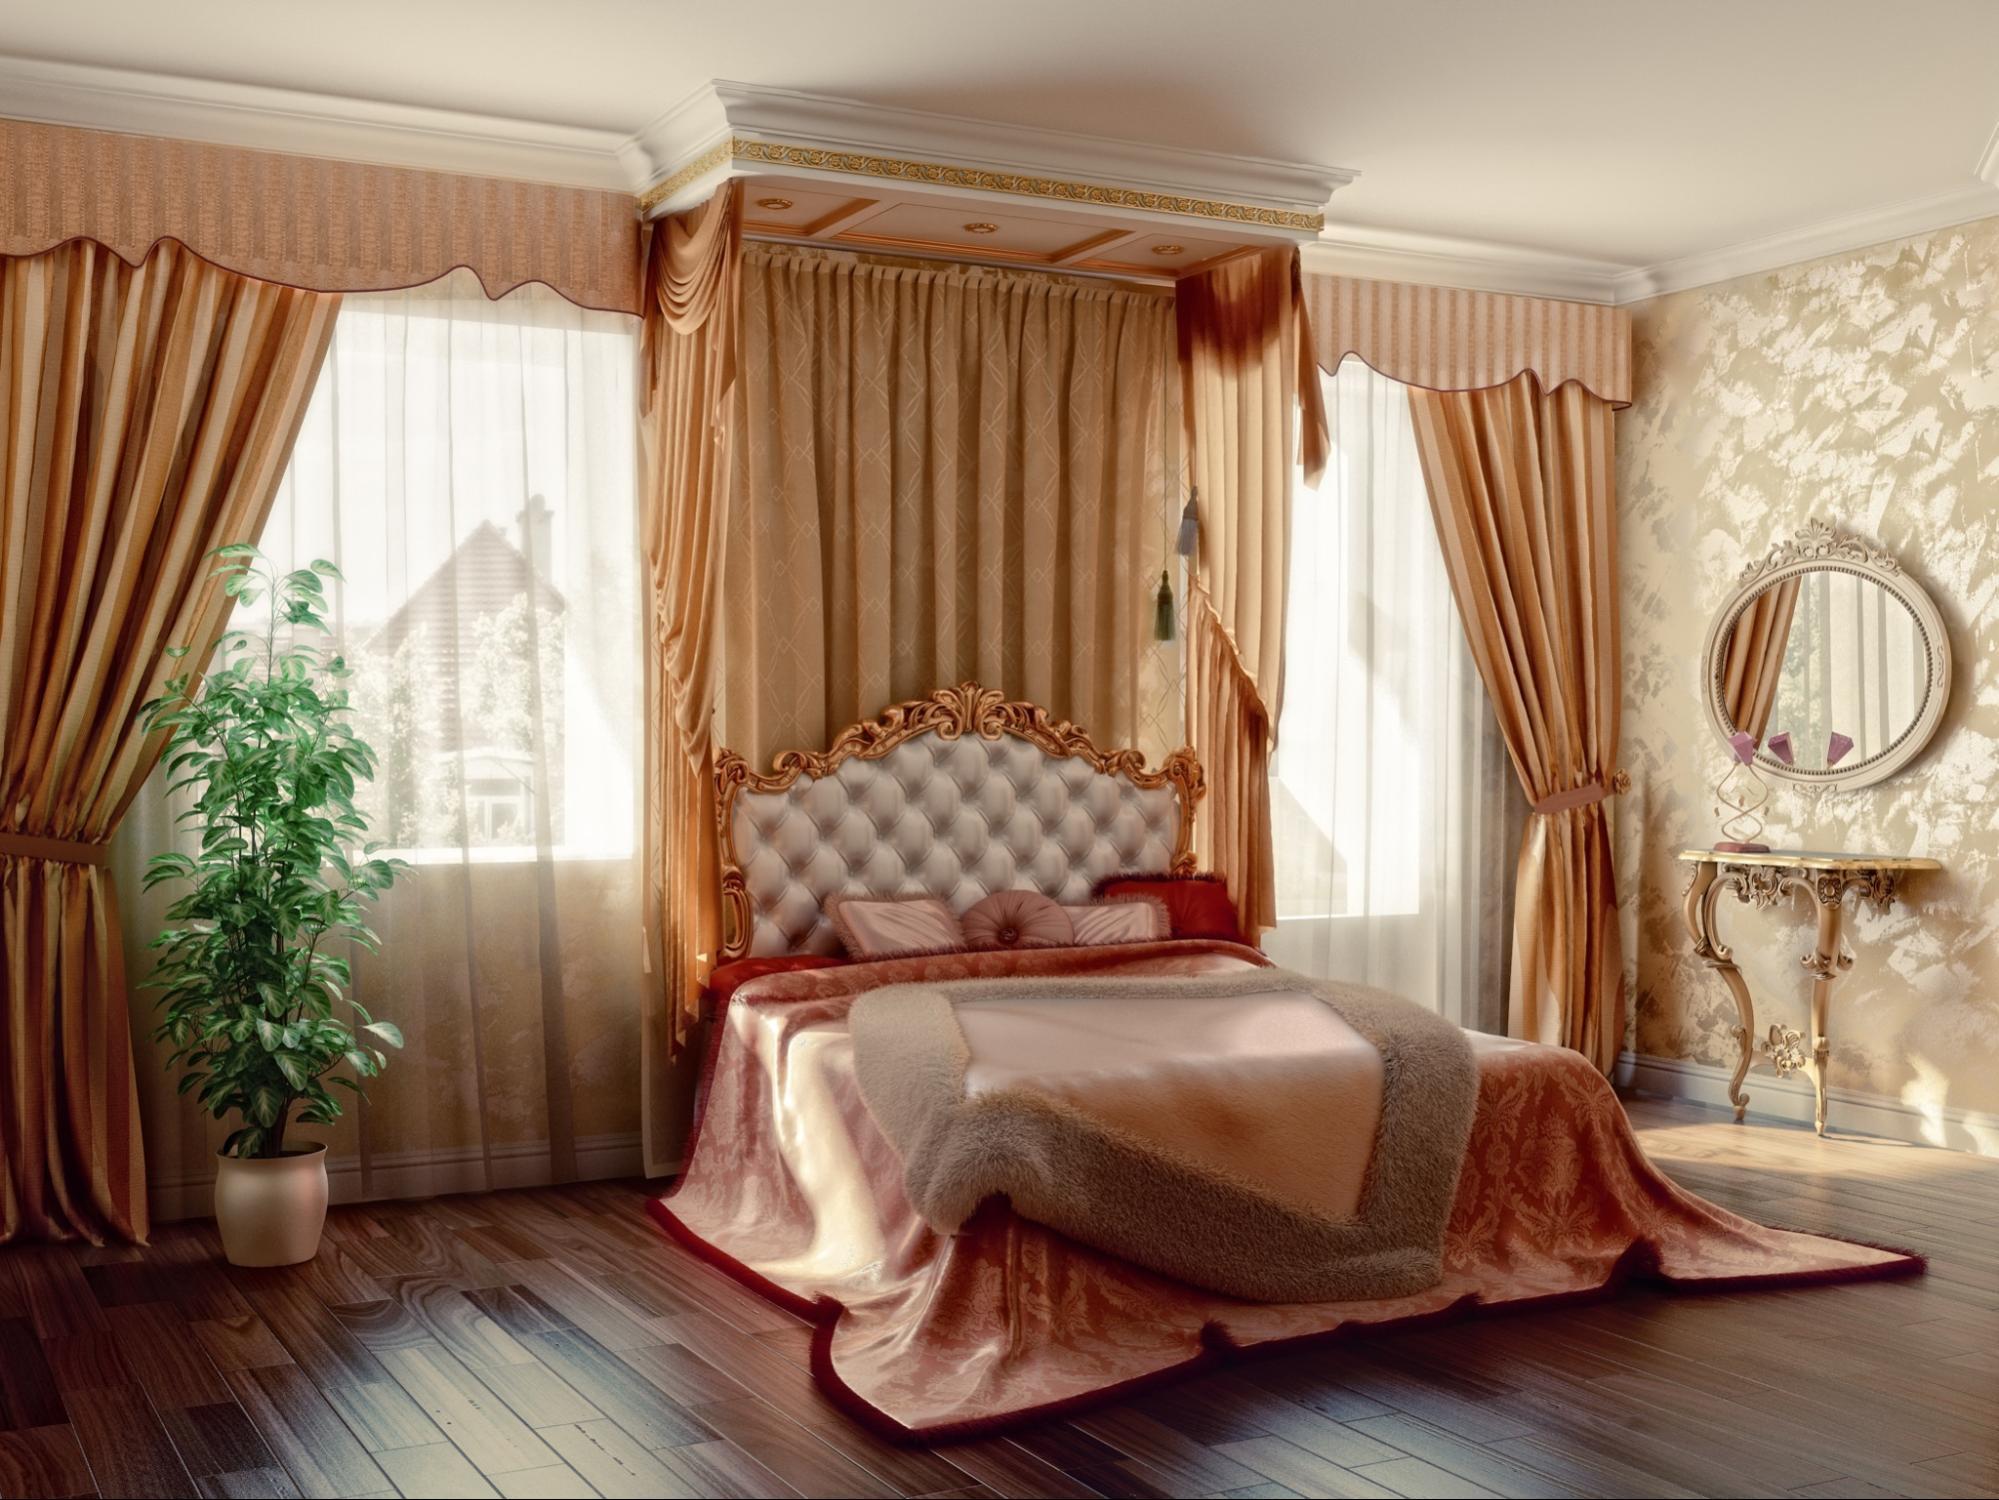 window dressing ideas with pelmets